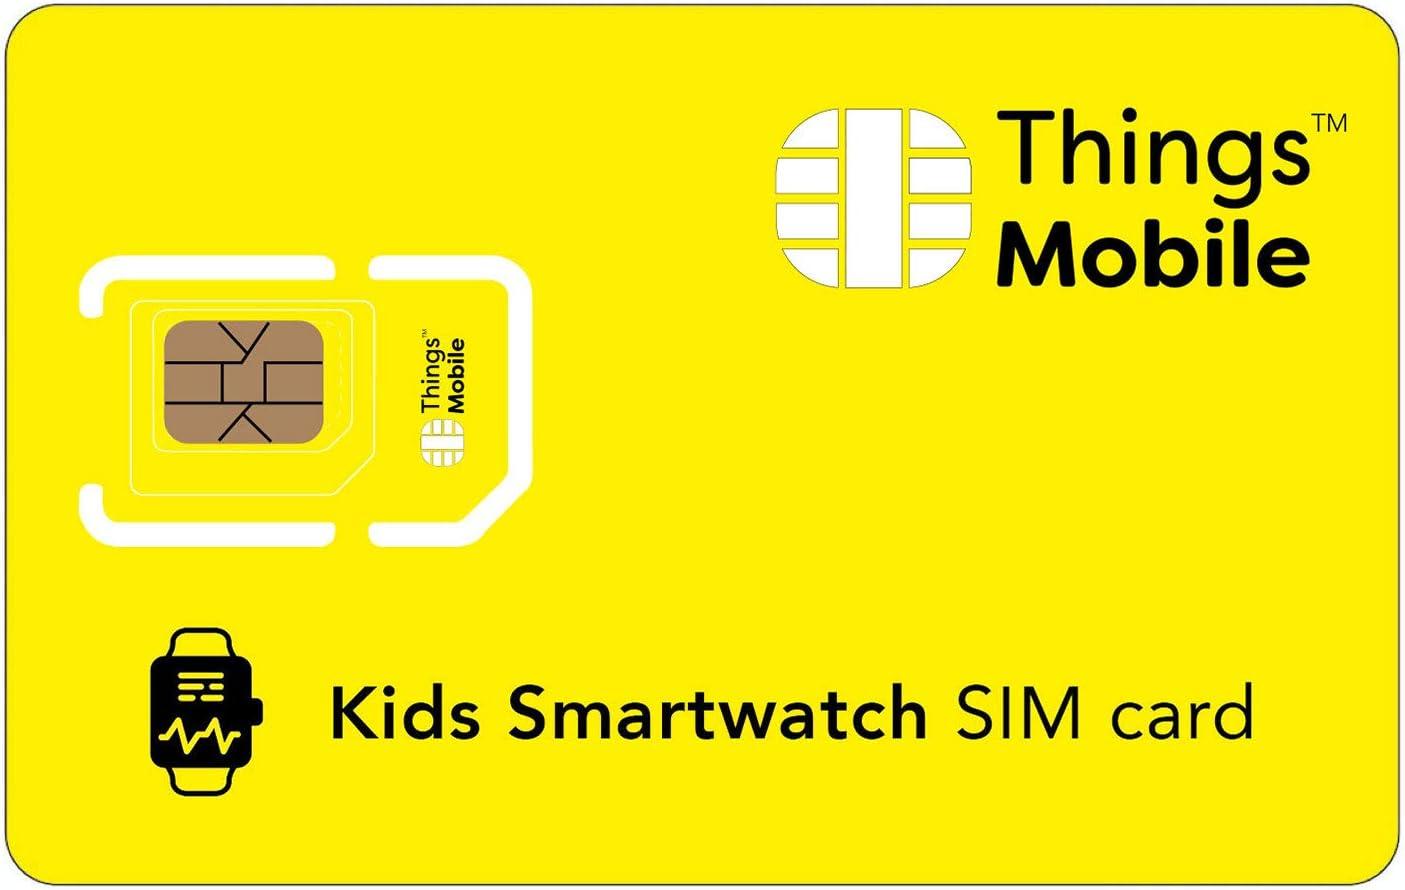 Tarjeta SIM para SMARTWATCH / RELOJ INTELIGENTE PARA NIÑOS - Things Mobile - cobertura global, red multioperador GSM/2G/3G/4G, sin costes fijos, sin vencimiento. Crédito no incluido